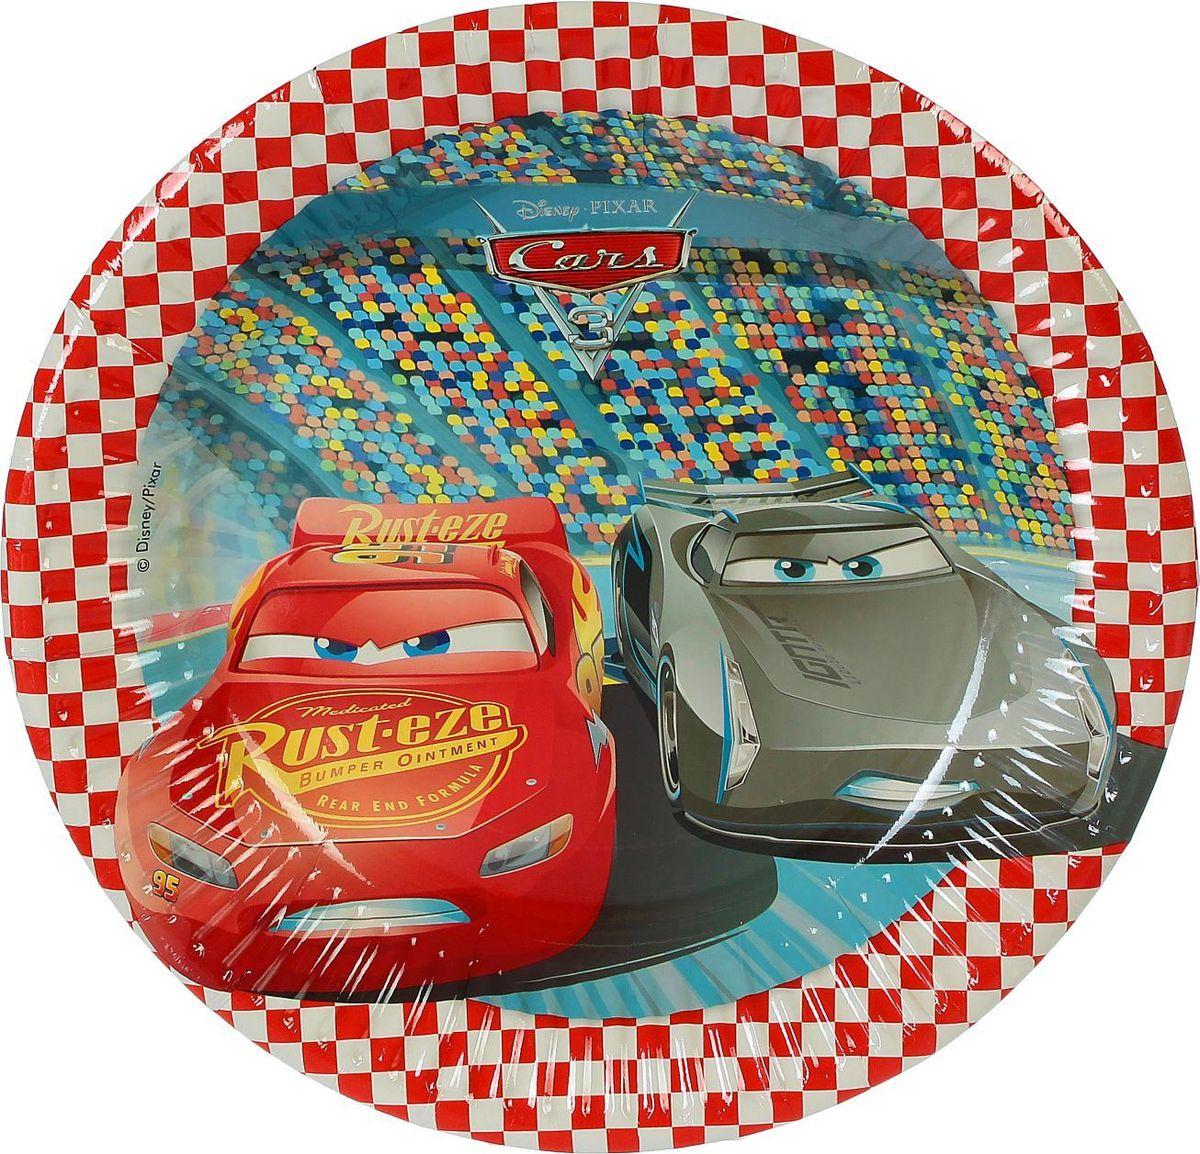 Procos Тарелка бумажная Тачки 3 диаметр 20 см 8 шт procos тарелка самолеты 20 см 8 шт